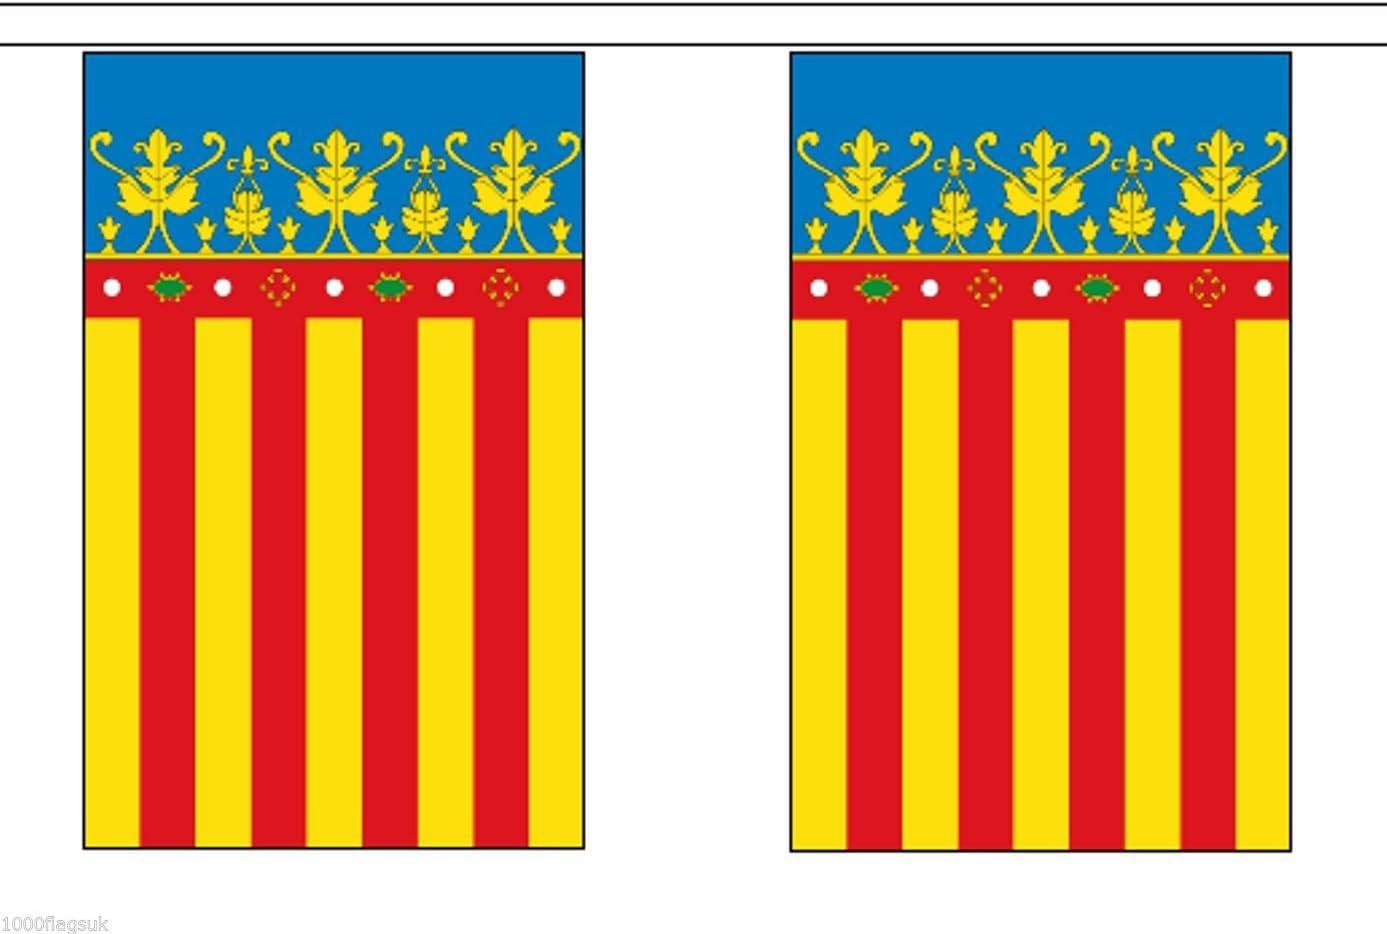 España Valencia Poliéster Bandera Banderín 3m (10) Banderitas Con 10 Banderas: Amazon.es: Hogar